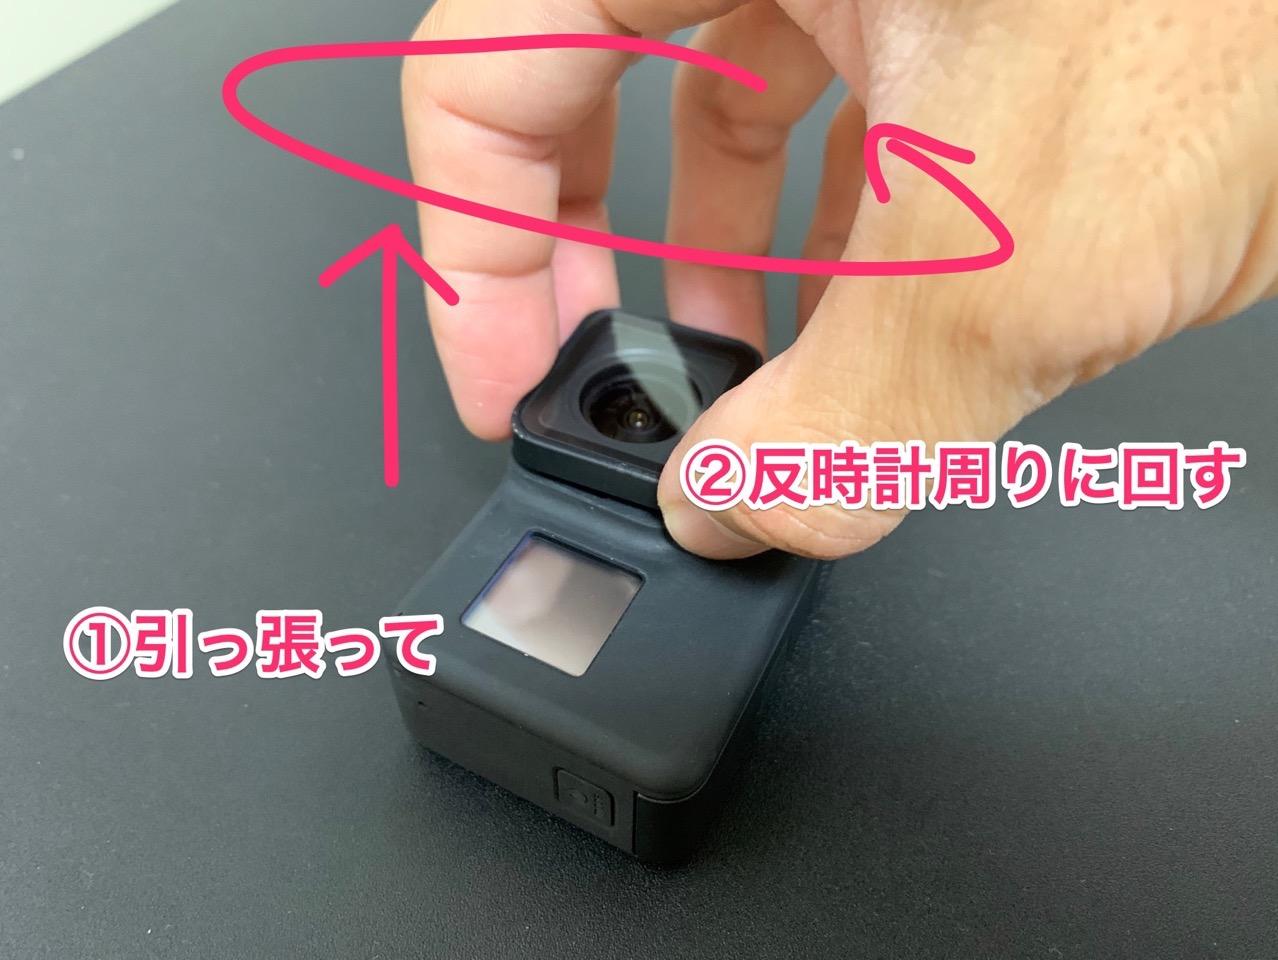 GoPro レンズカバー取り外し